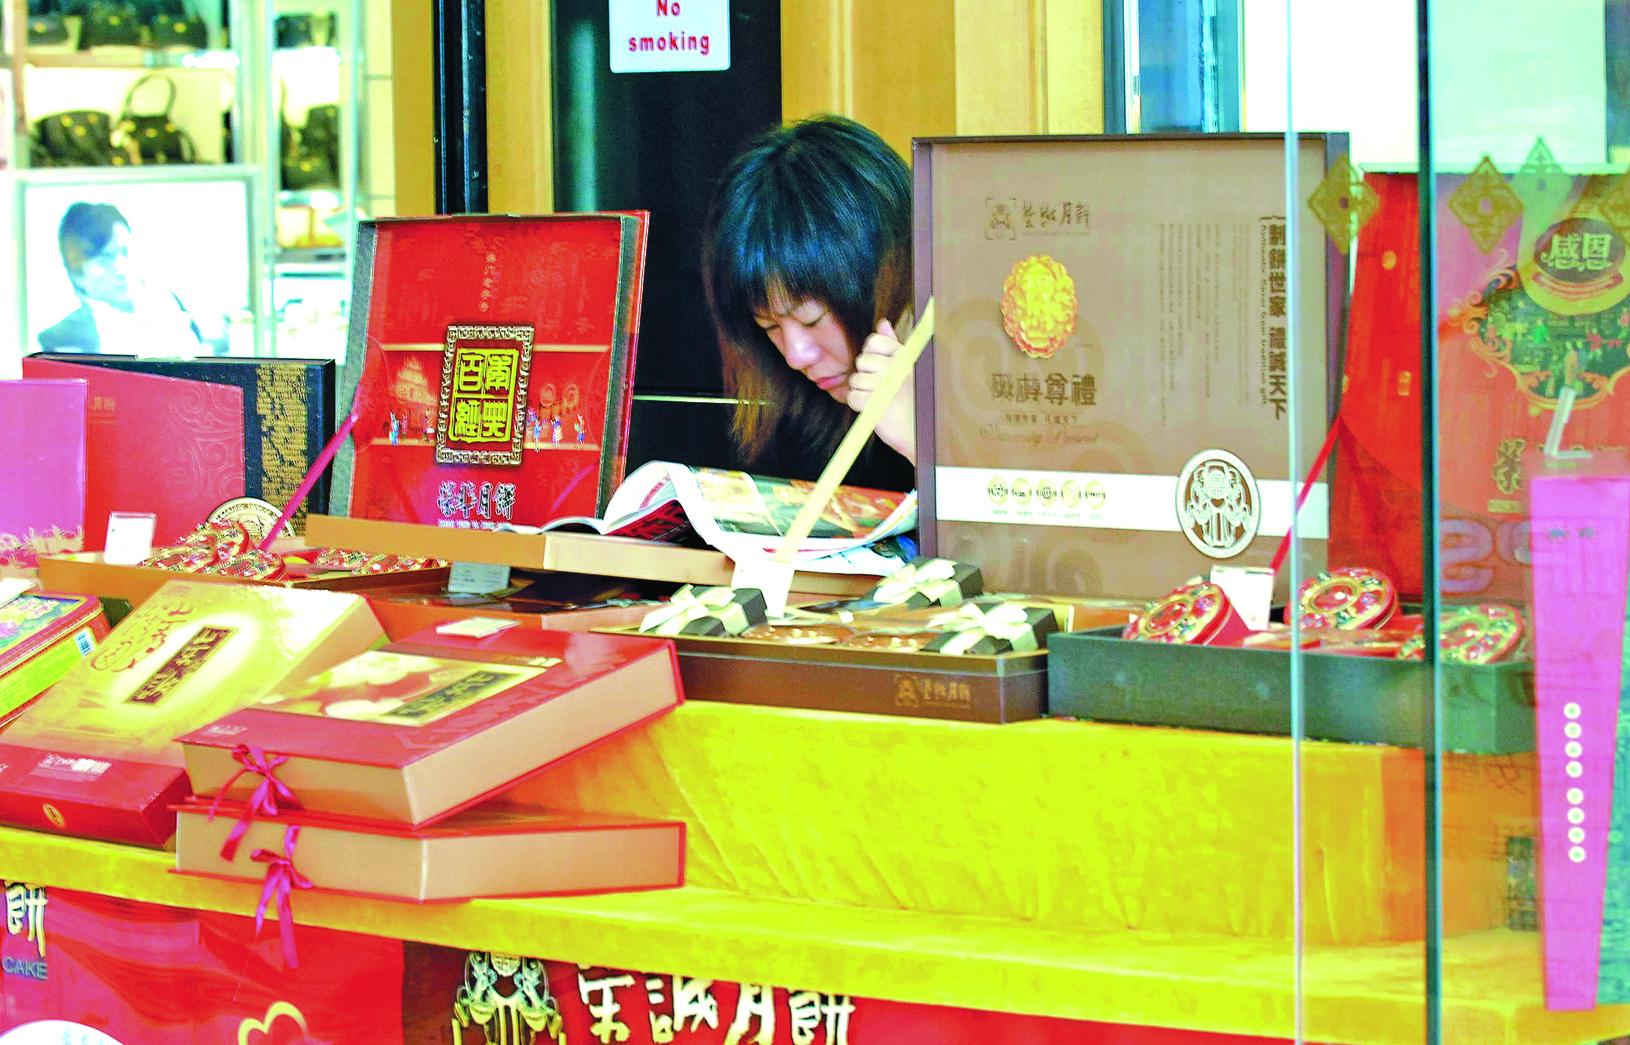 負面新聞頻傳,許多中國民眾不敢買大陸生產的月餅。圖為南京一家商場的月餅專櫃。(大紀元資料室)